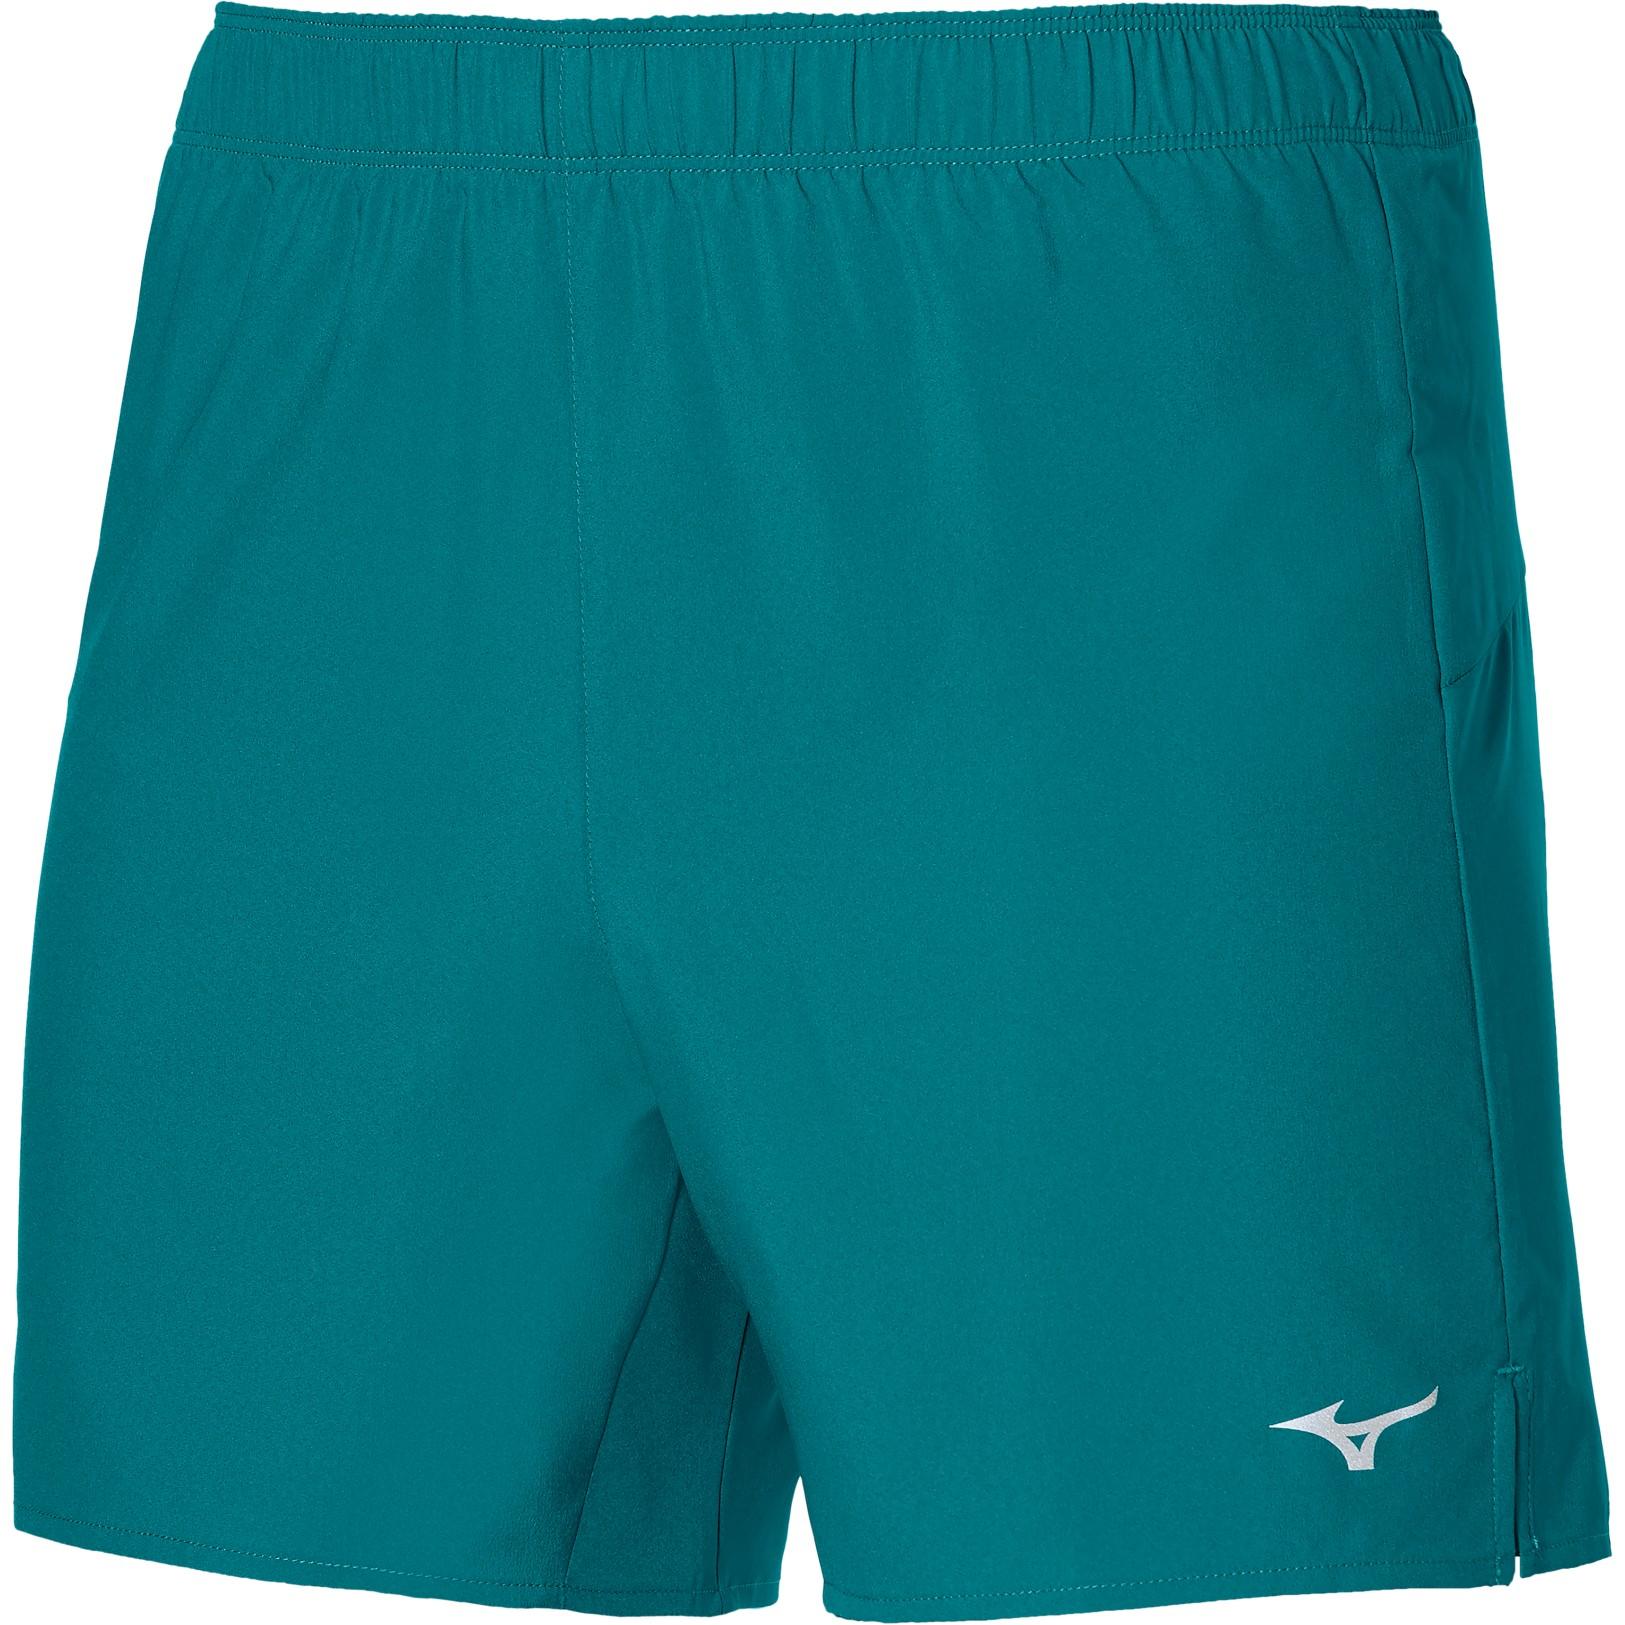 Mizuno Core 5.5 Shorts - Harbor Blue